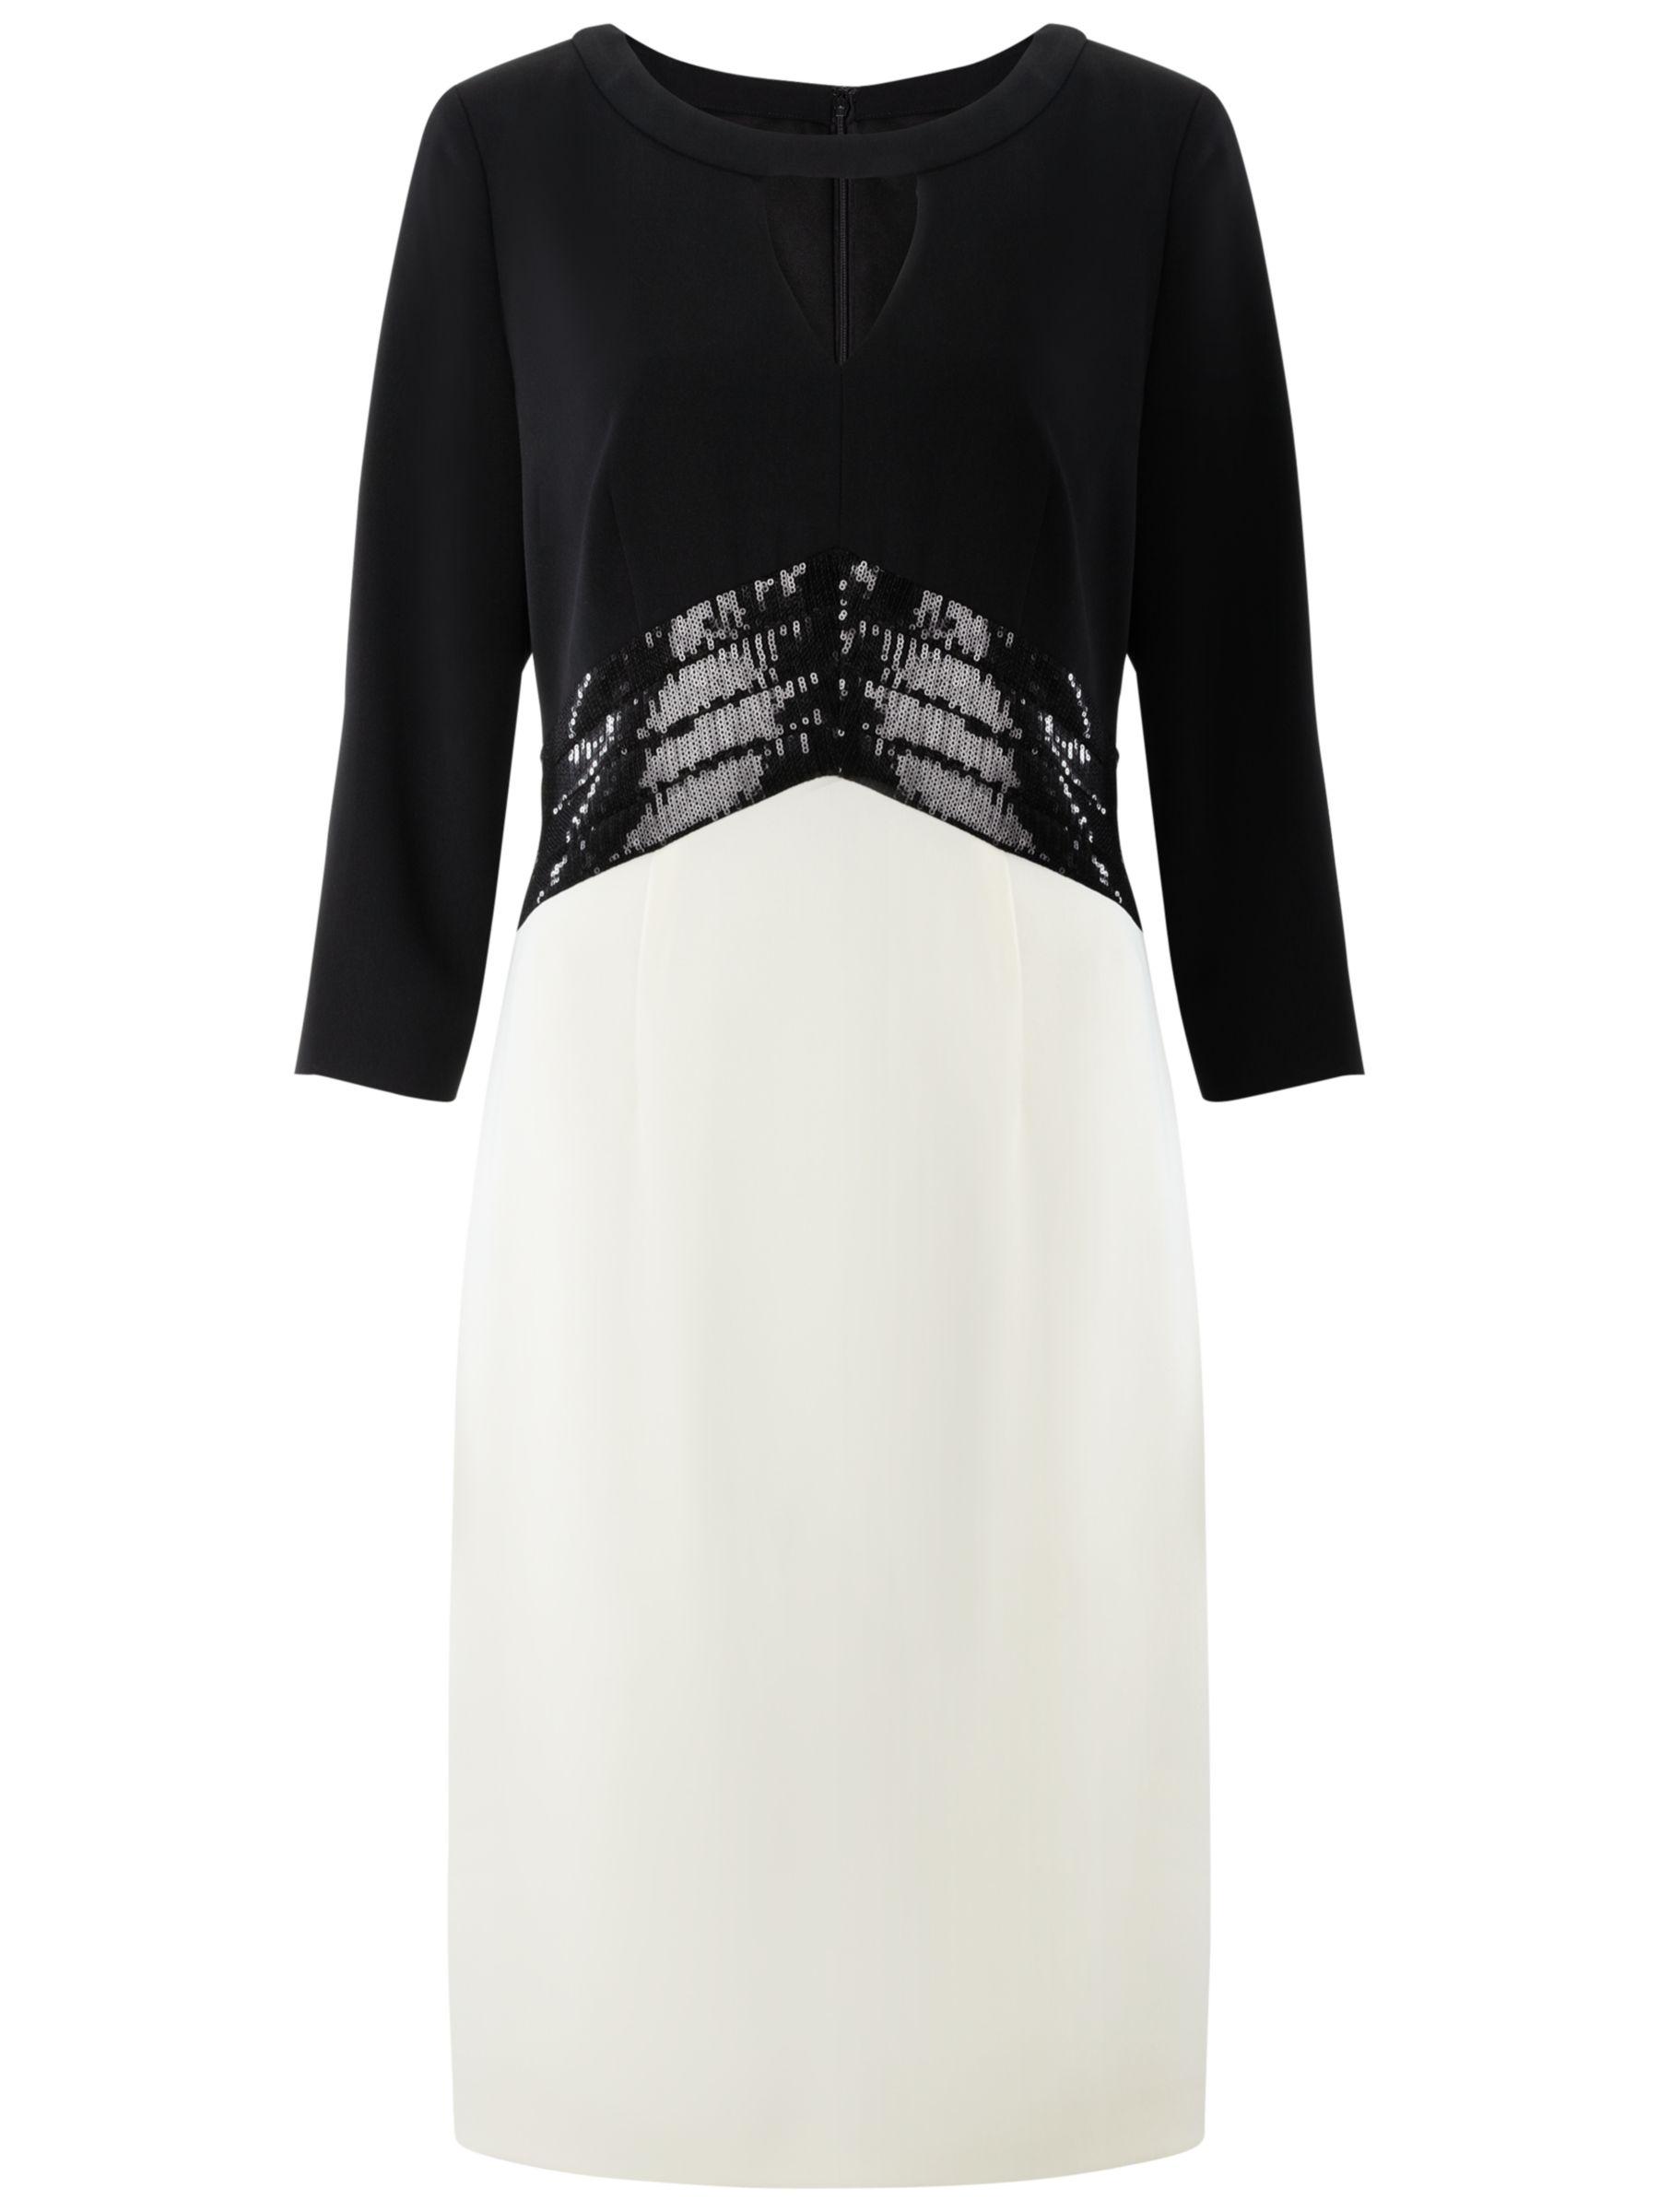 Gina Bacconi Moss Crepe Dress, Chalk Light